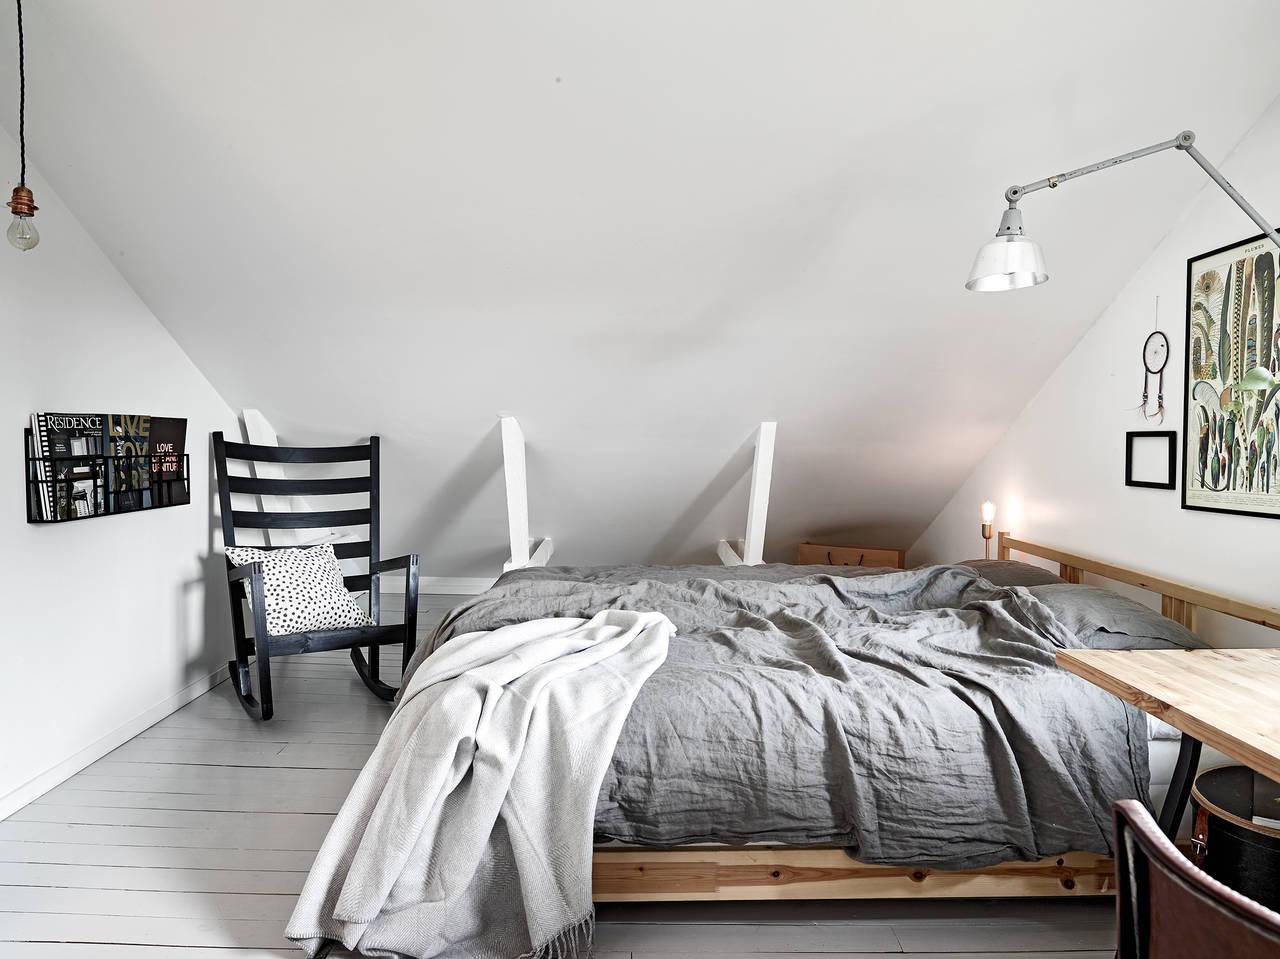 Скандинавский дизайн спальни в шведской квартире